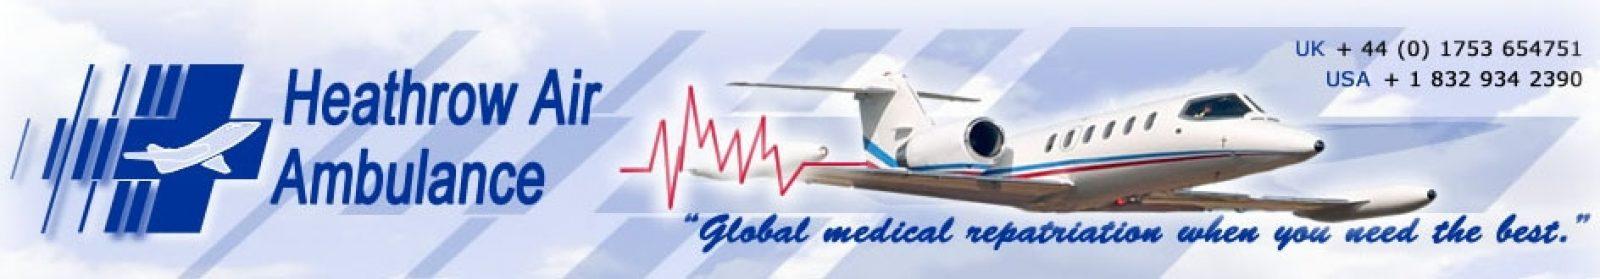 Heathrow Air Ambulance – Global Medical Repatriation